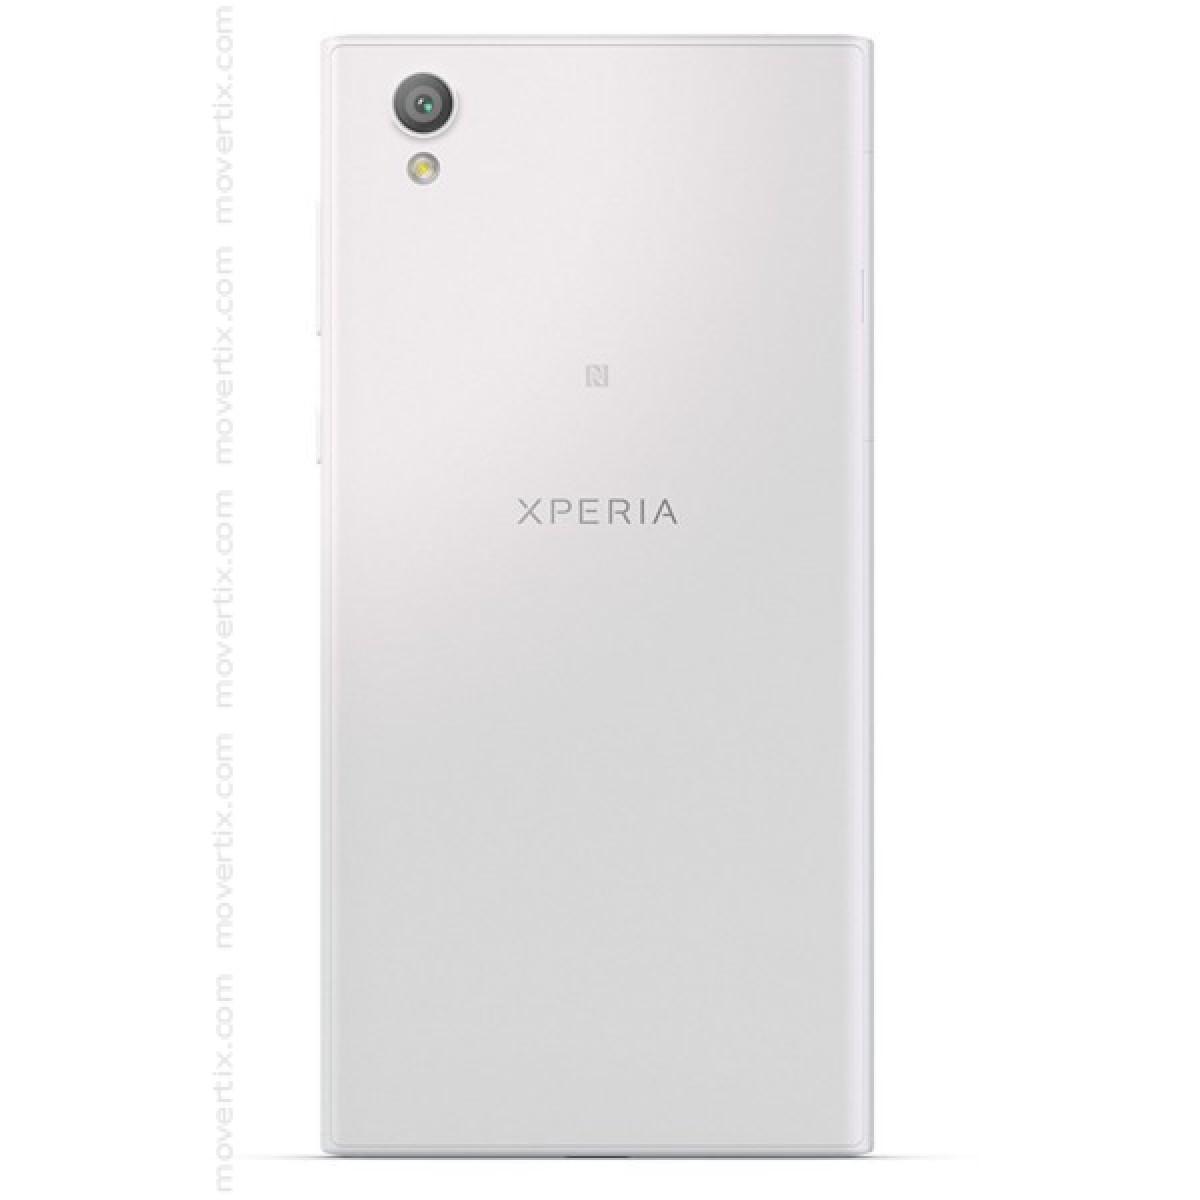 21308a2d07c El Xperia L1 de color blanco es un móvil accesible de 5,5 pulgadas con todo  lo bueno de Sony: diseño cuidado, rendimiento fluido y cámara de 13  megapíxeles.